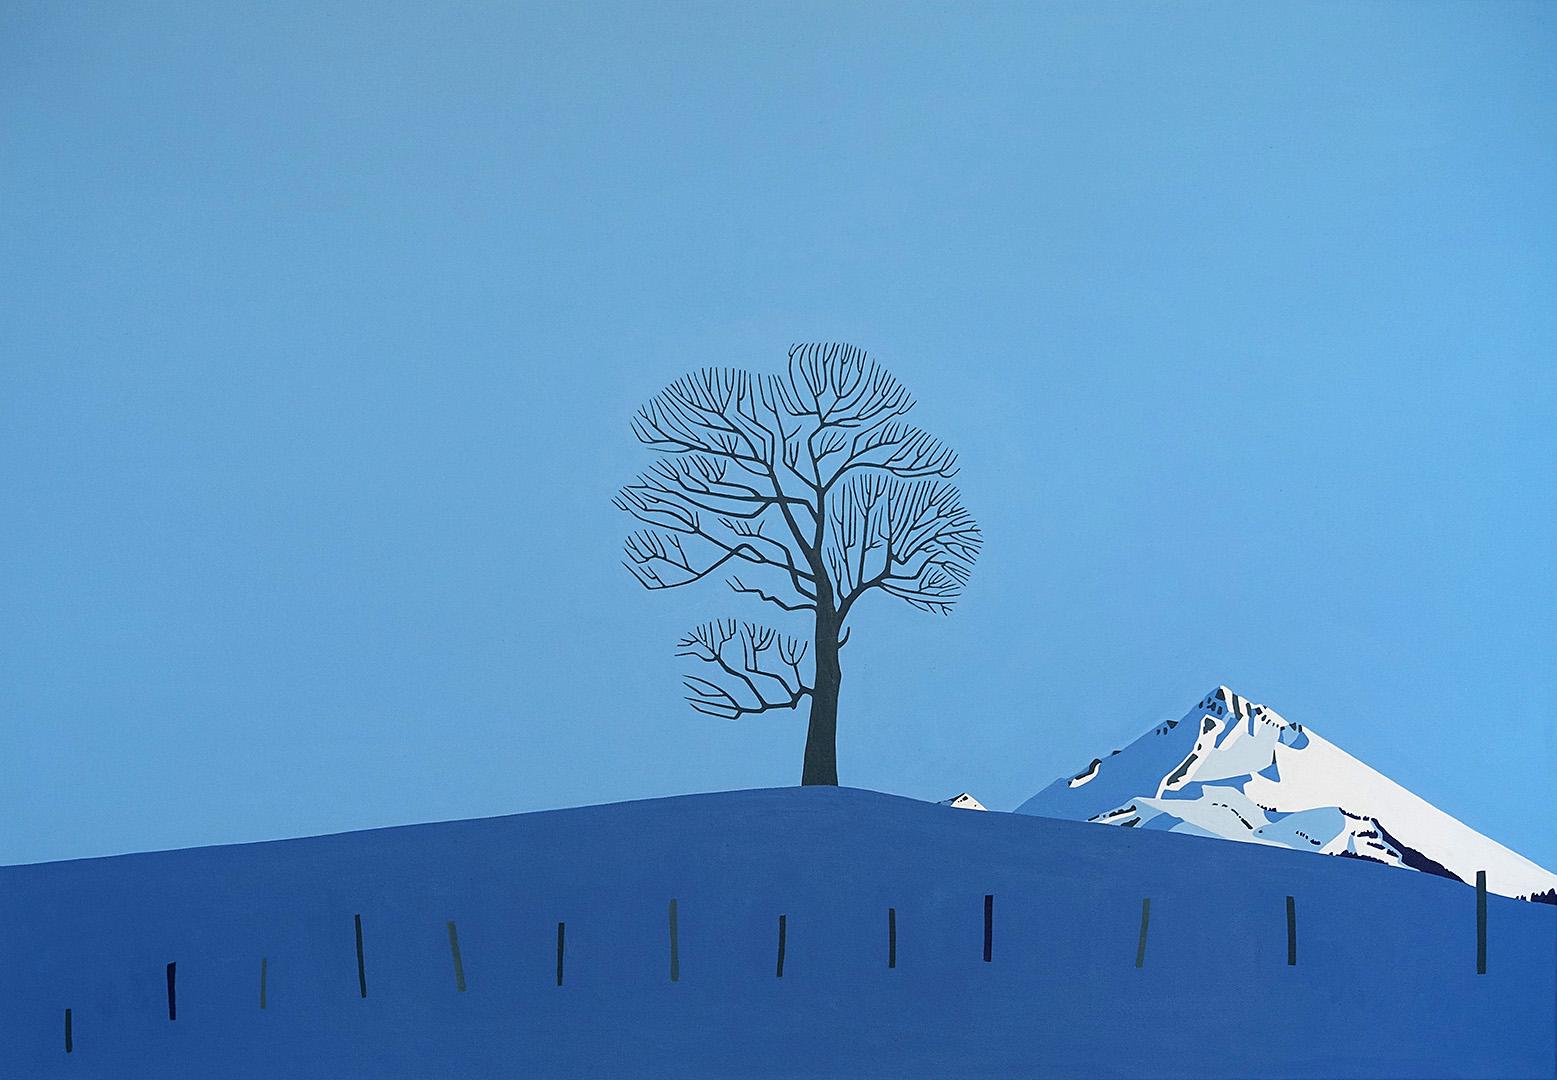 Baum auf Anhöhe mit verschneitem Berg im Abendlicht